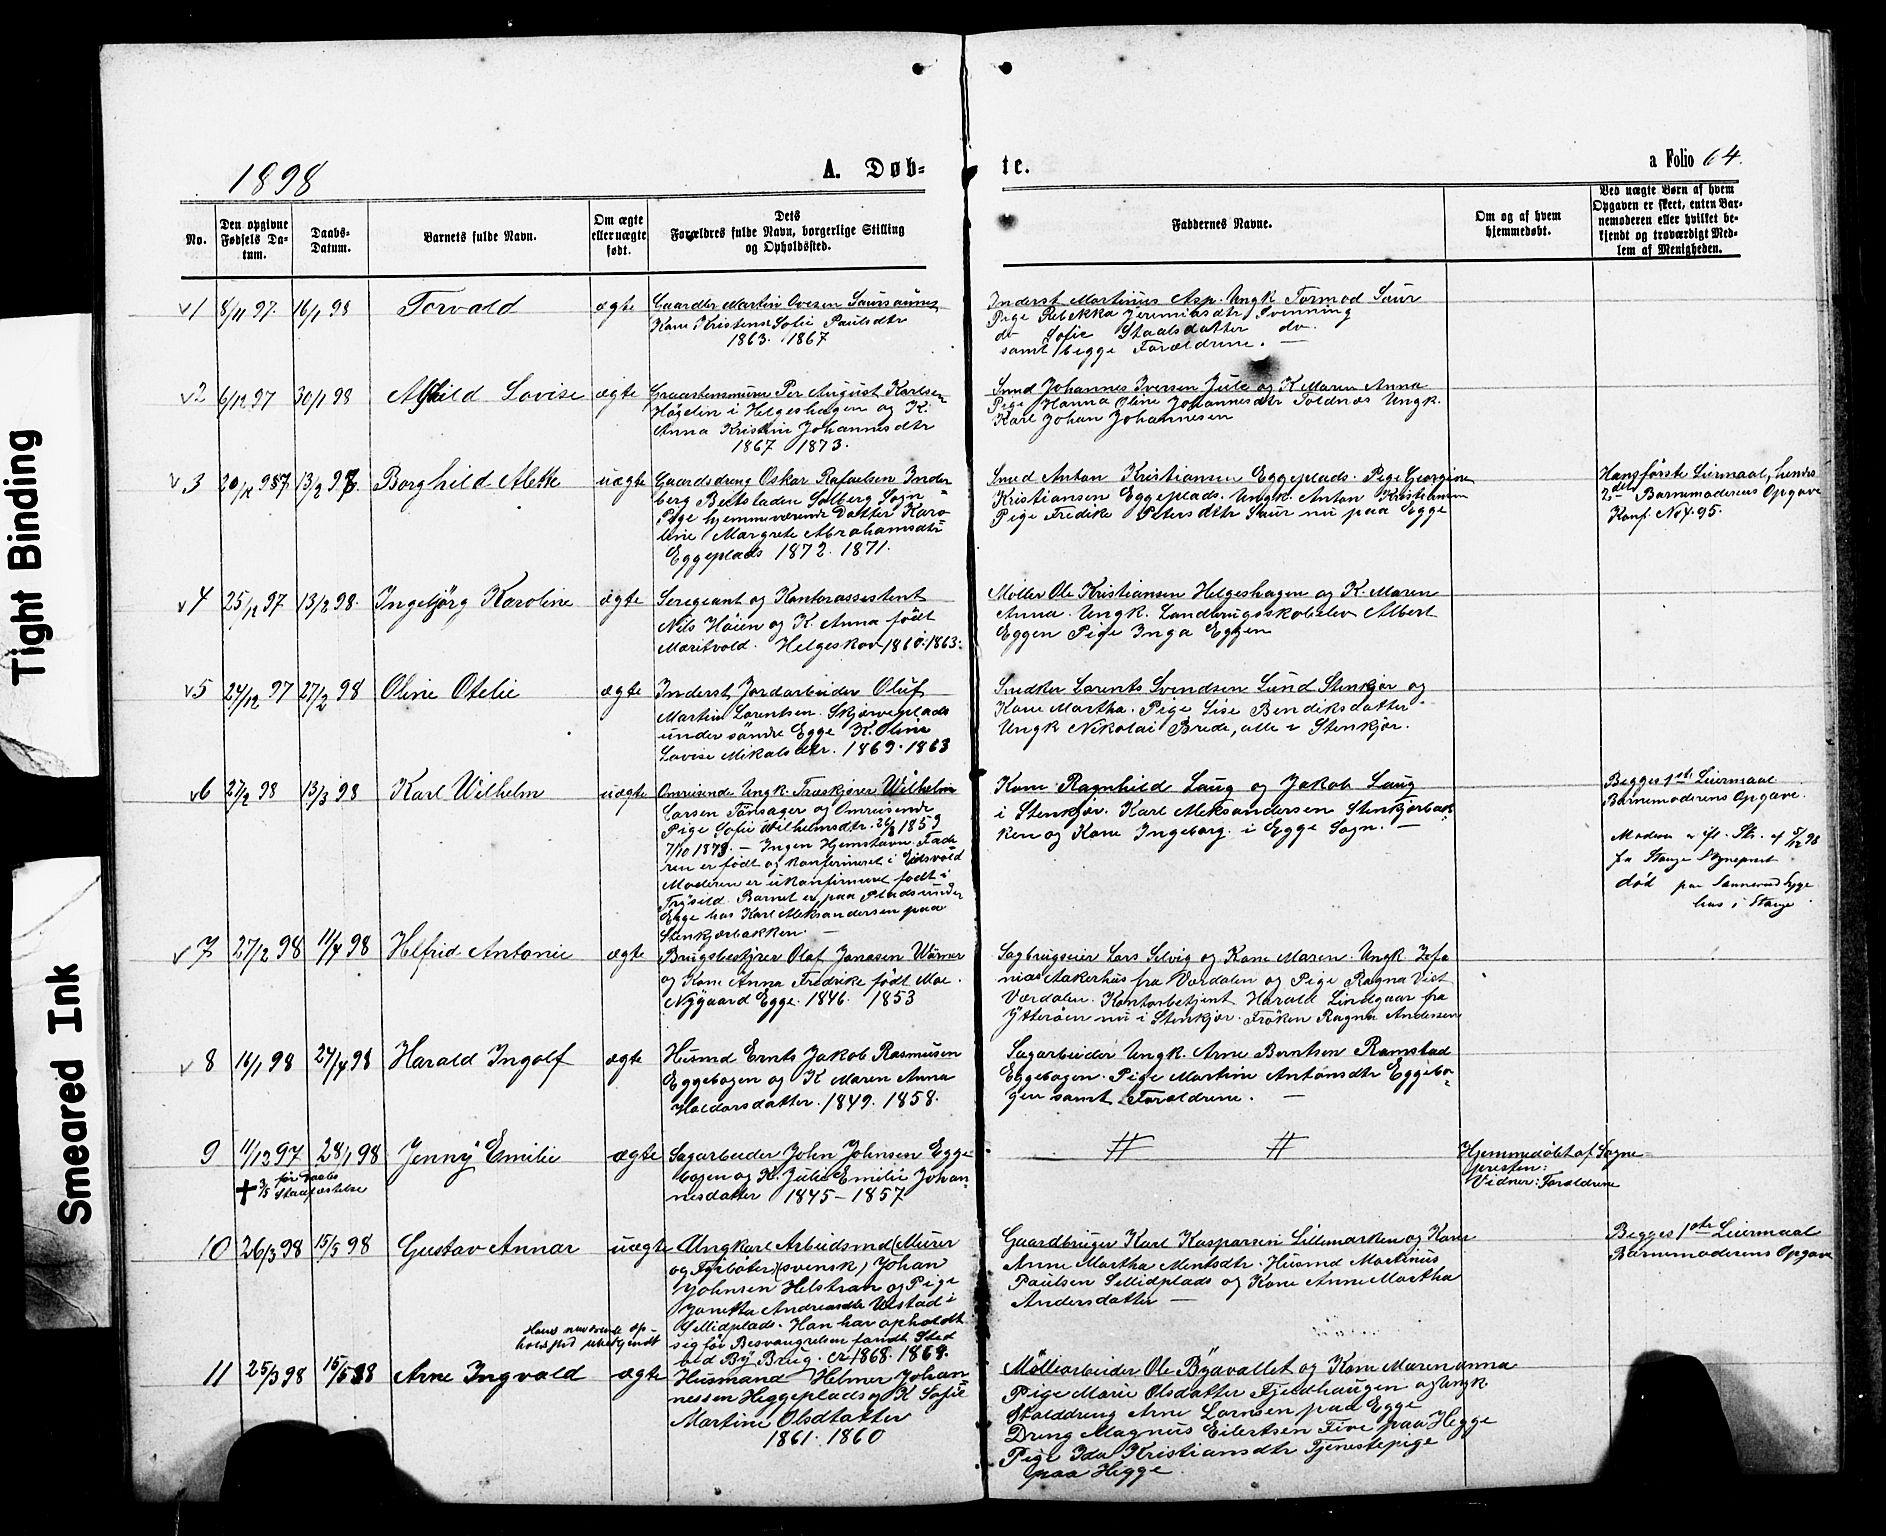 SAT, Ministerialprotokoller, klokkerbøker og fødselsregistre - Nord-Trøndelag, 740/L0380: Klokkerbok nr. 740C01, 1868-1902, s. 64